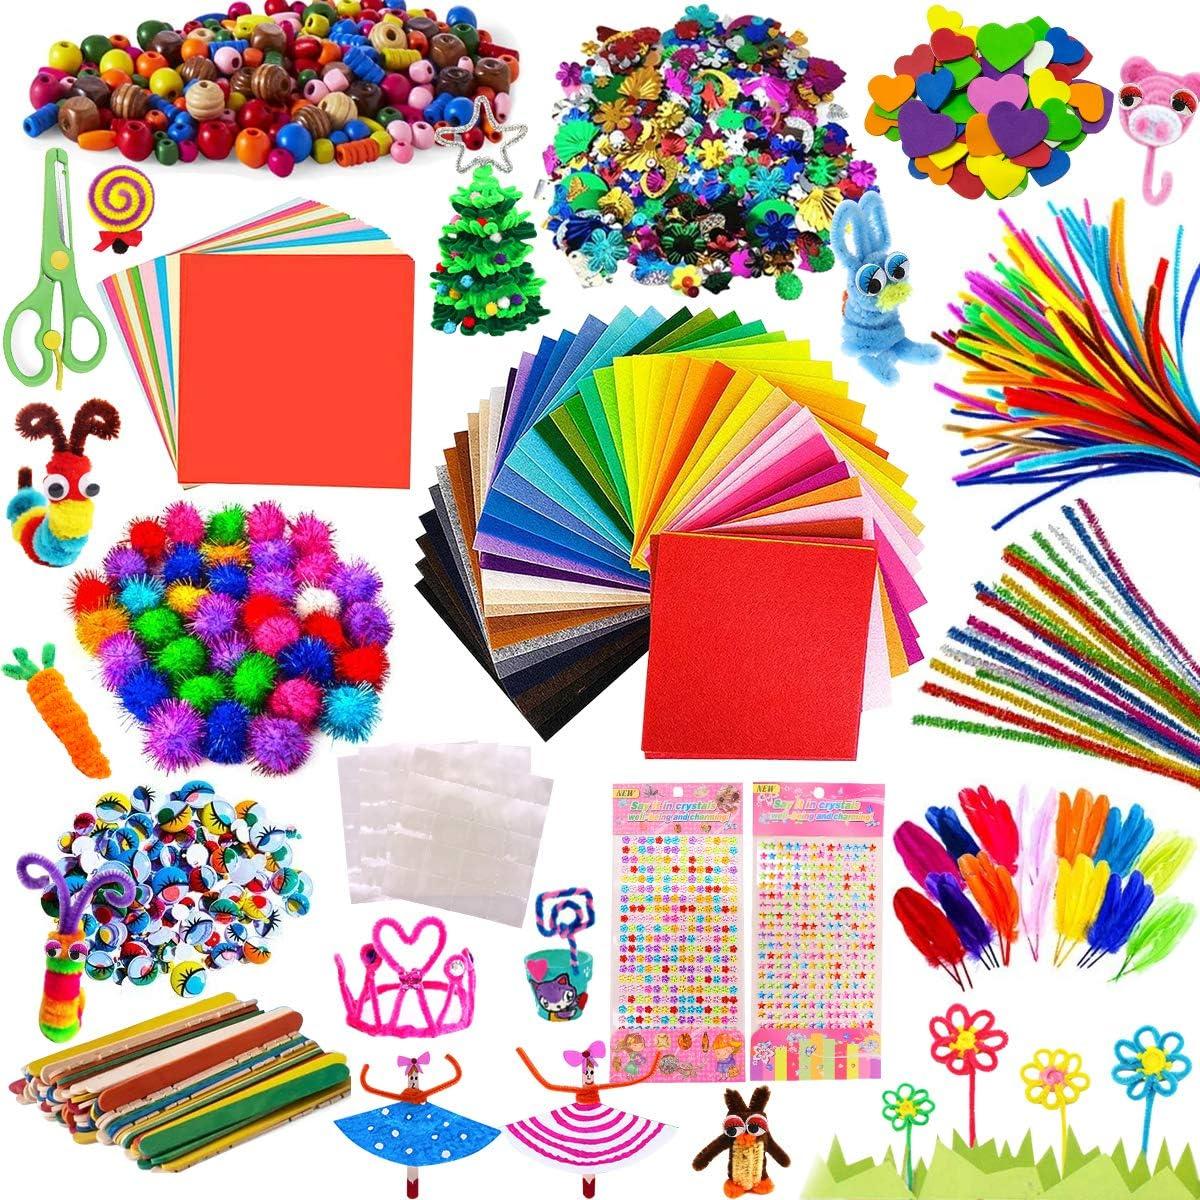 AYUQI Kit Manualidades niños, Pipe Cleaners Crafts Set, Juego de Manualidades, Limpiadores de Pipa Chenilla y Pompoms con Wiggle Eyes y Craft Sticks, Juego Creativo Regalo para Craft DIY Art Supplies